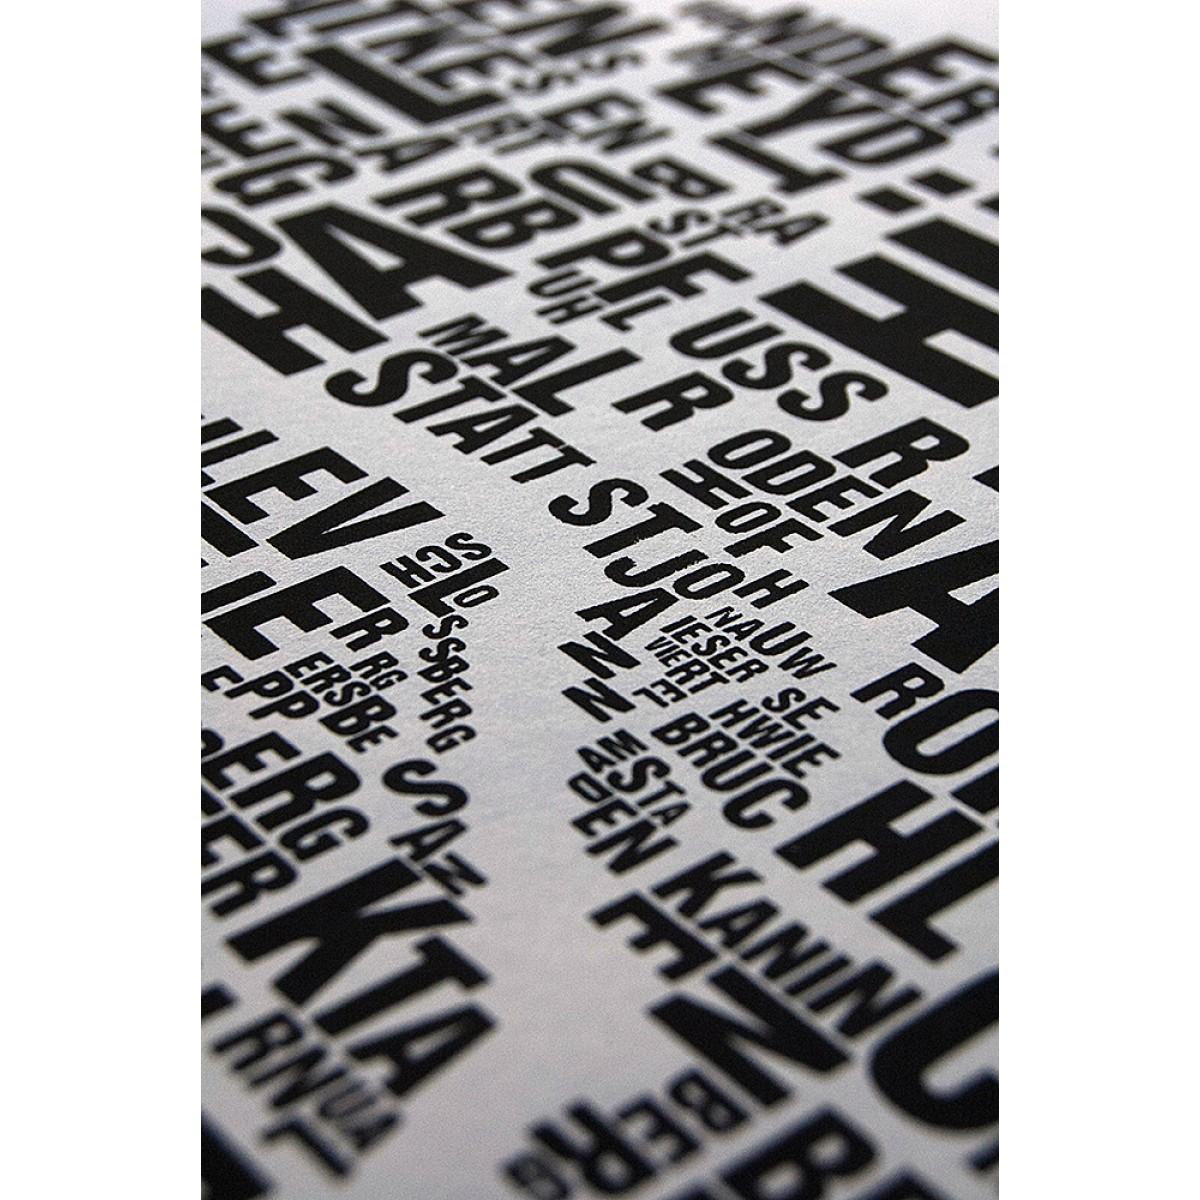 Buchstabenorte Poster SAARBRÜCKEN Stadtteile Typographie